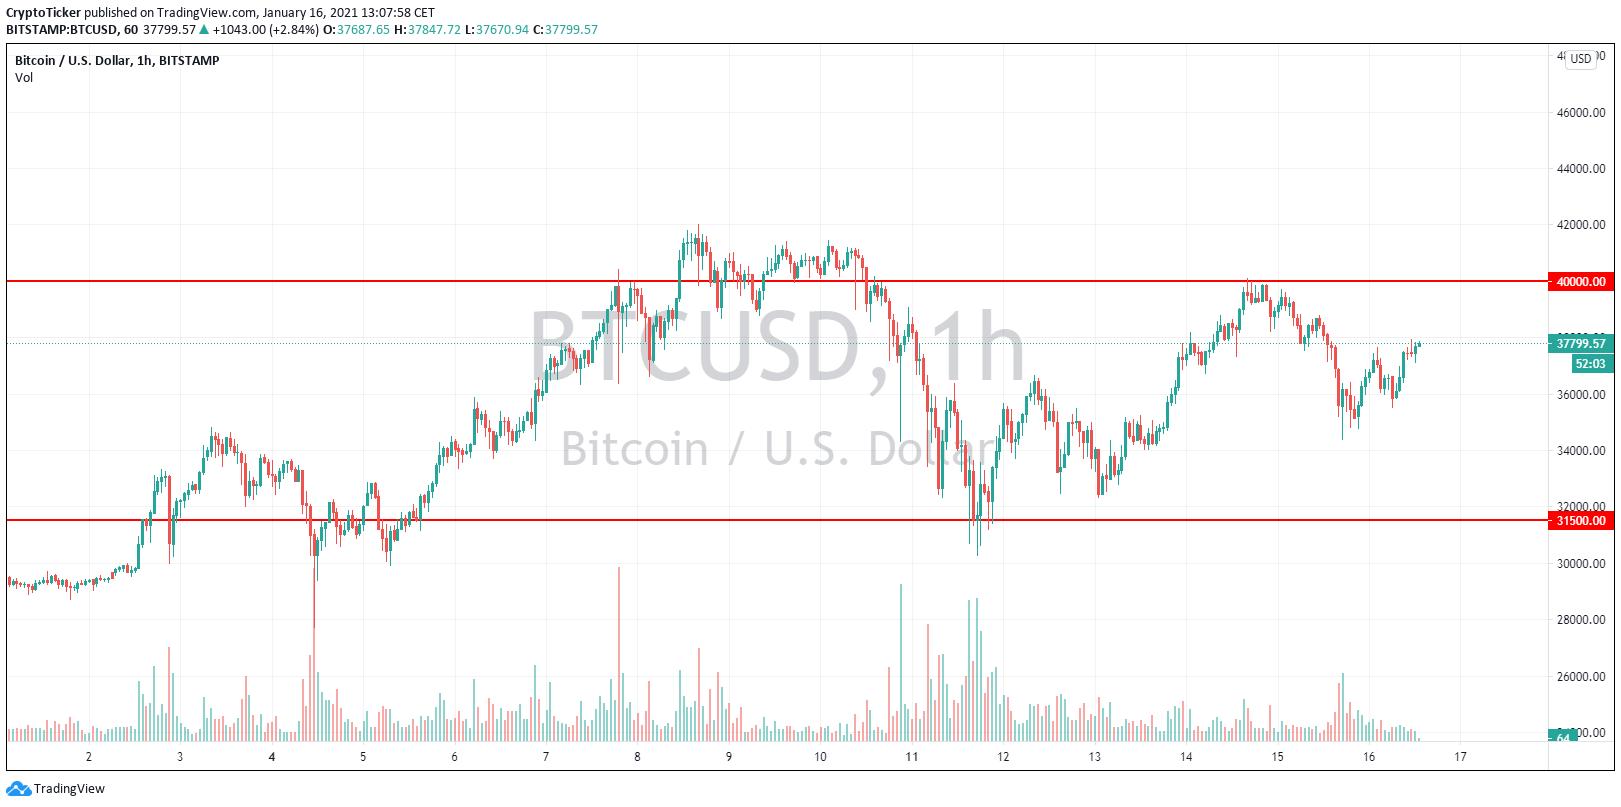 TA, die eine Konsolidierung des Bitcoin Kurs vorausgesagt hat, sieht Anzeichen von Stärke voraus, ABER…